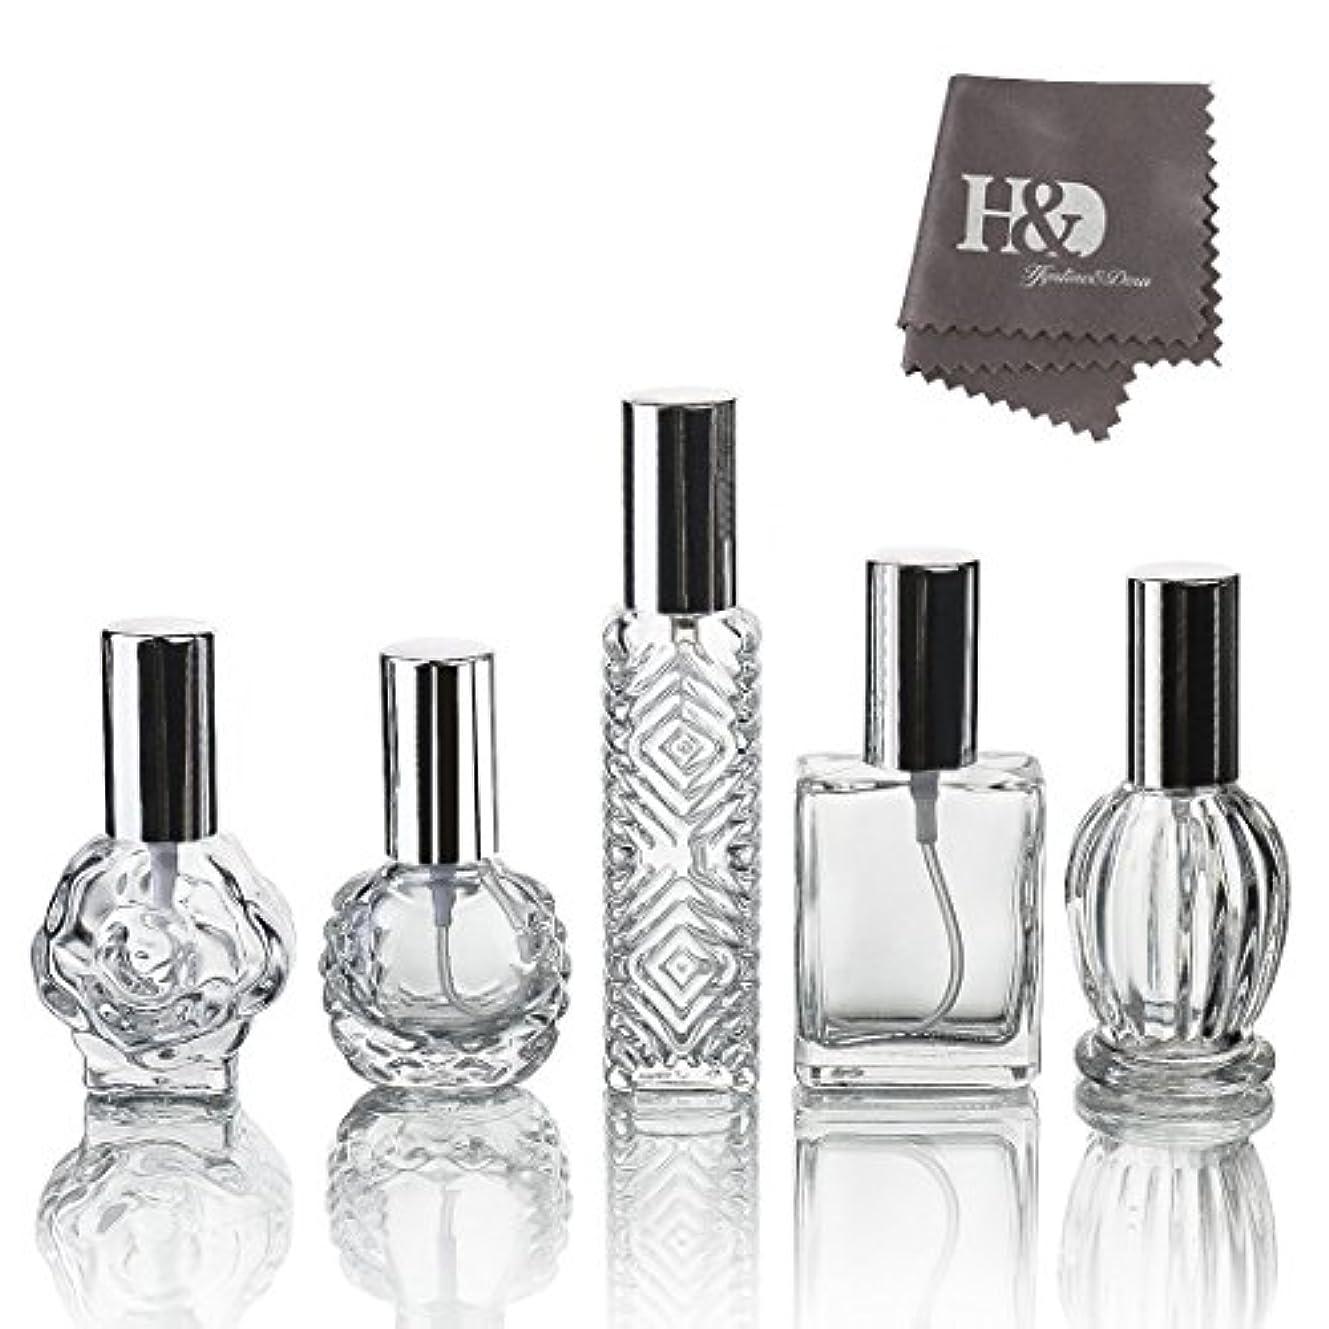 梨家具最大限H&D 5枚セット ガラスボトル 香水瓶 詰替用瓶 分け瓶 旅行用品 化粧水用瓶 装飾雑貨 ガラス製 (2)